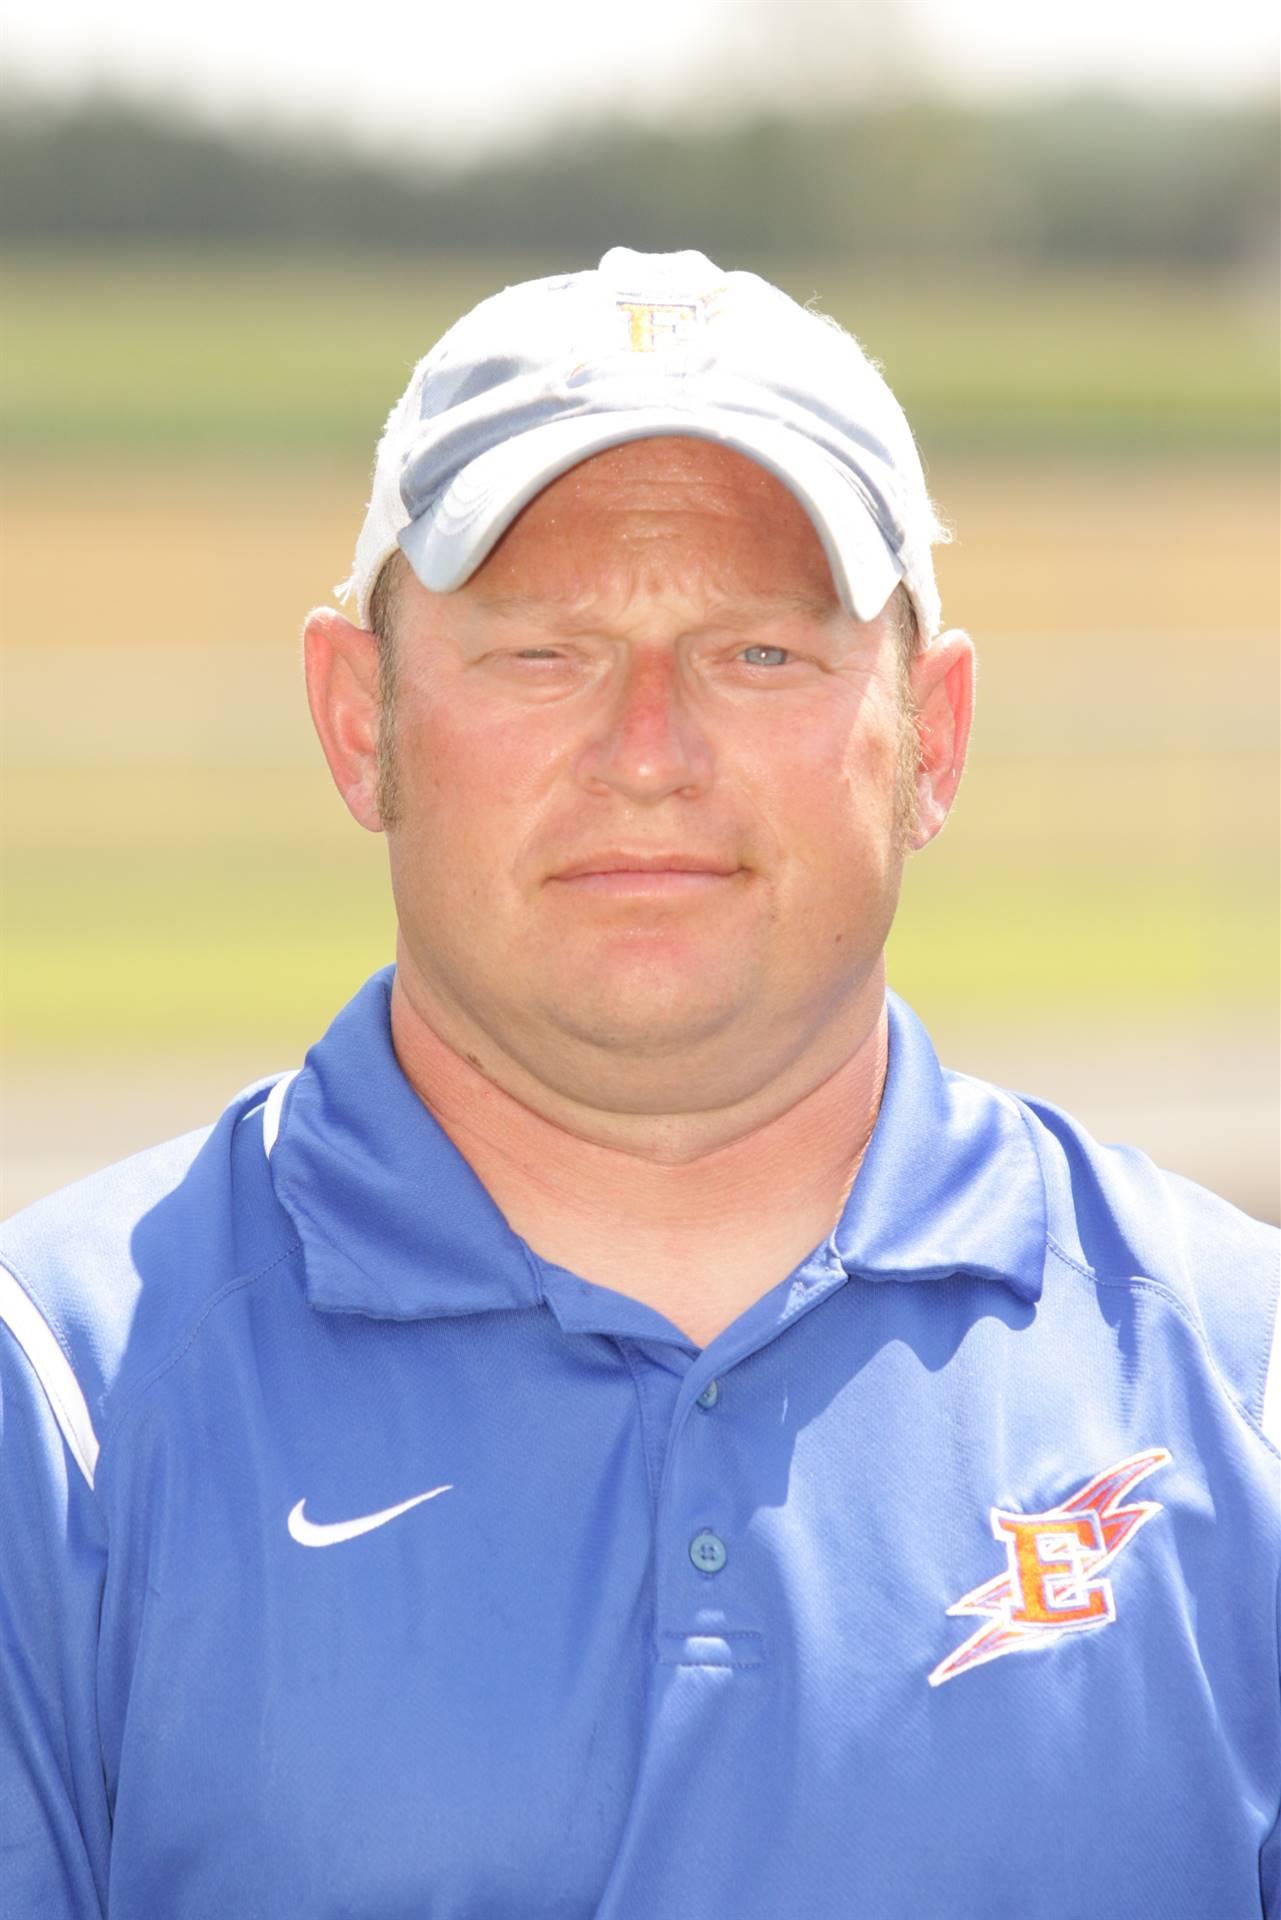 Assistant Coach - Dean Shelley